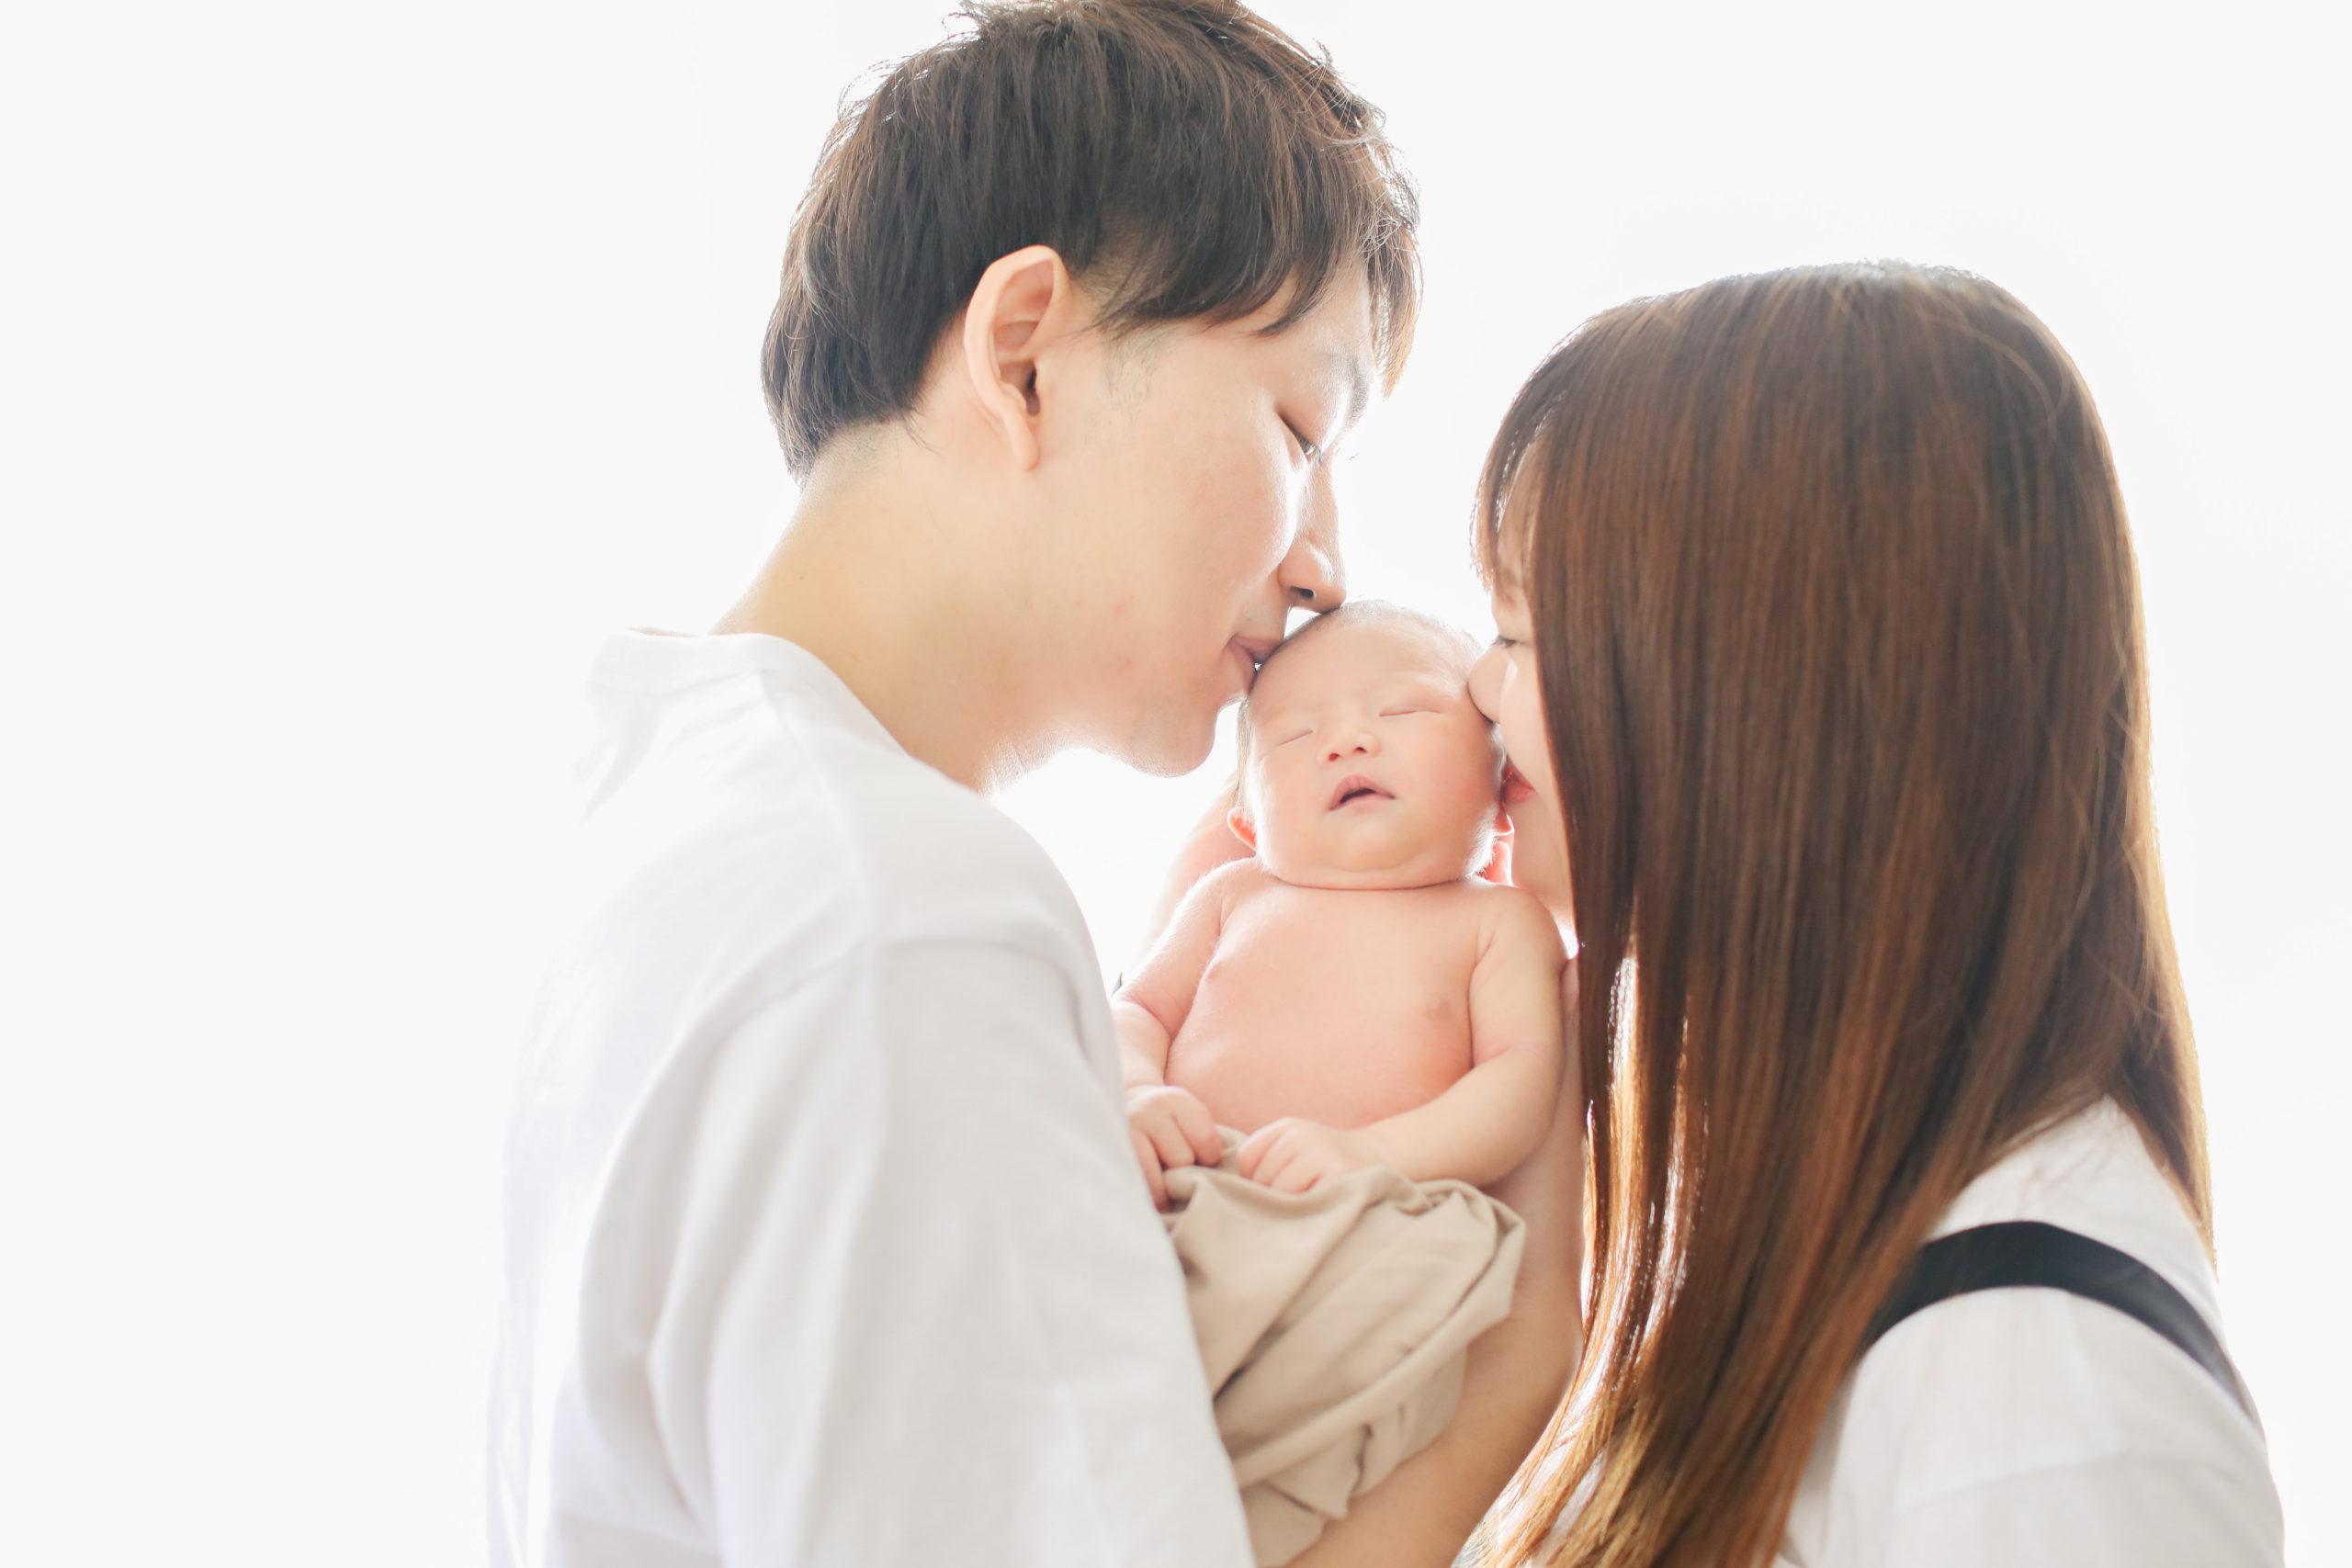 彼氏彼女から夫婦へ、そして父と母になる。